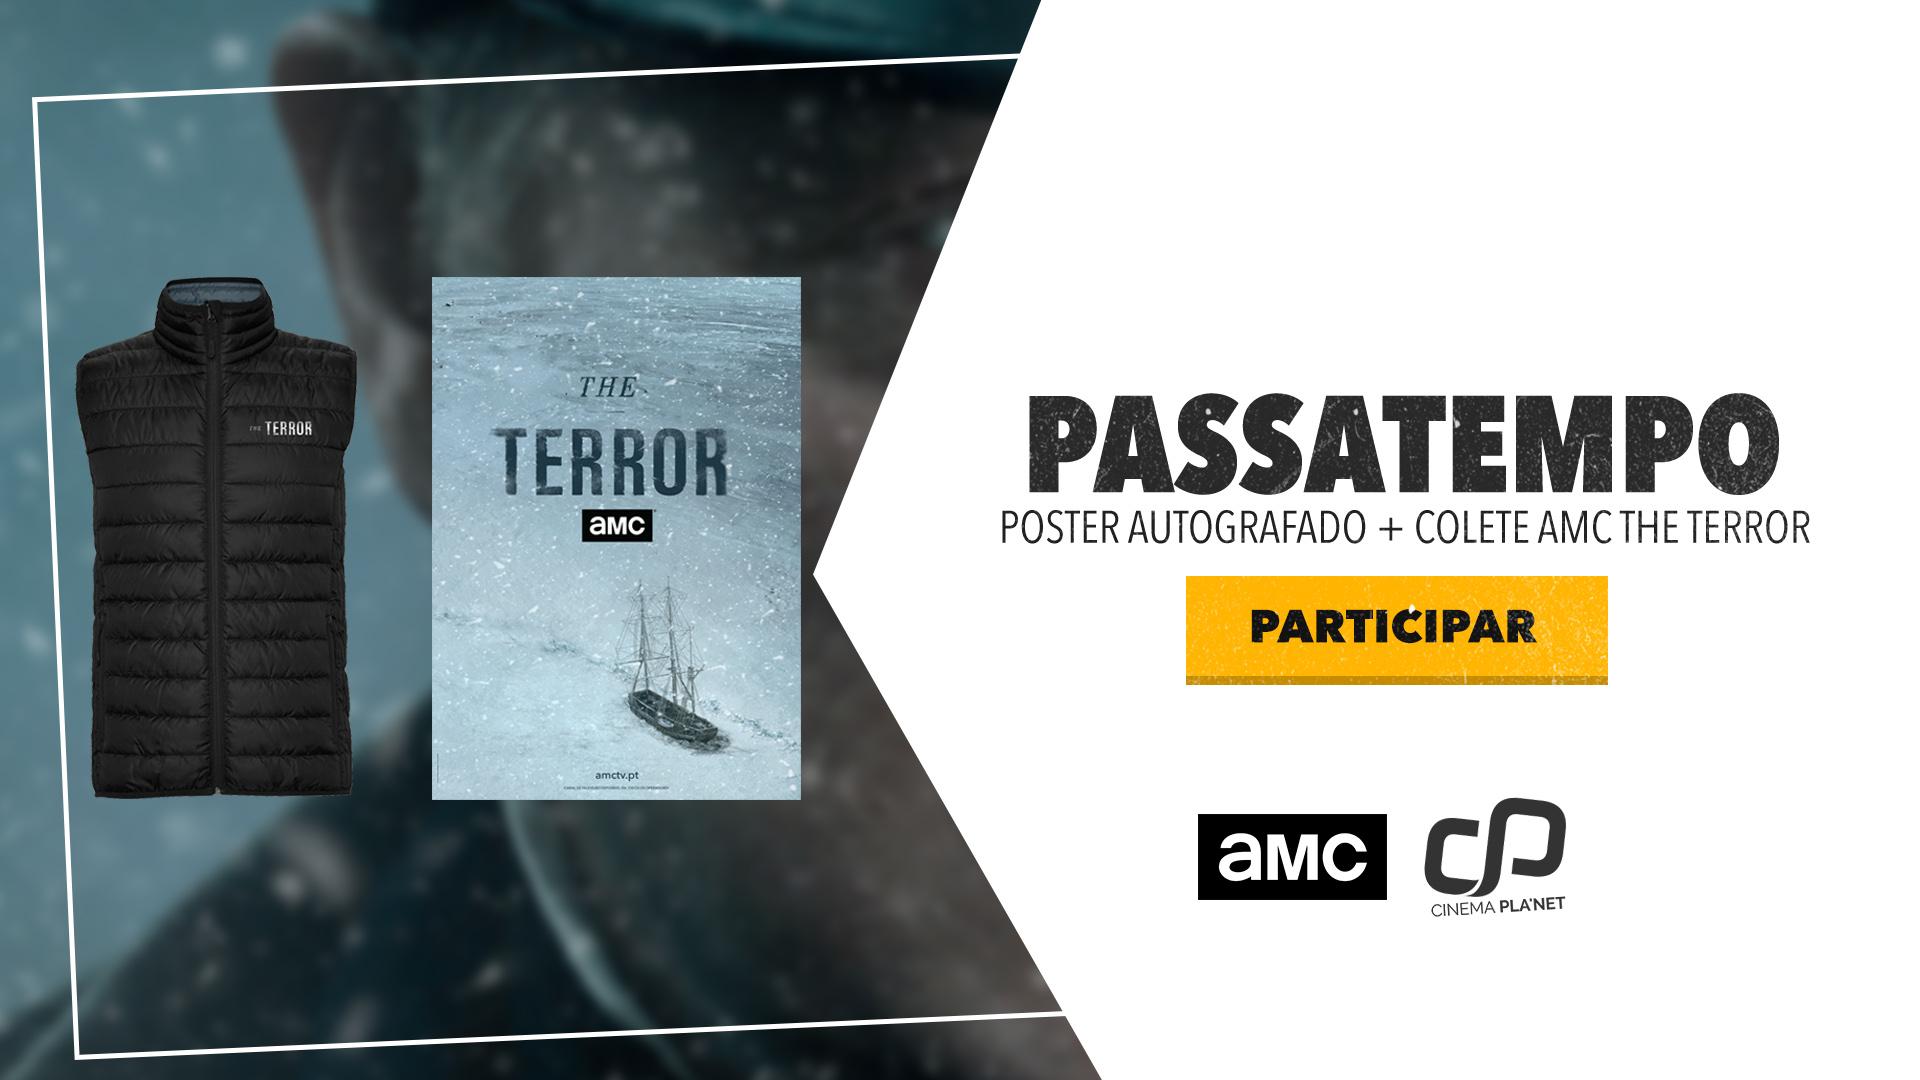 https://cinemaplanet.pt/wp-content/uploads/2017/06/passatempo_amc_theterror_v2.jpg